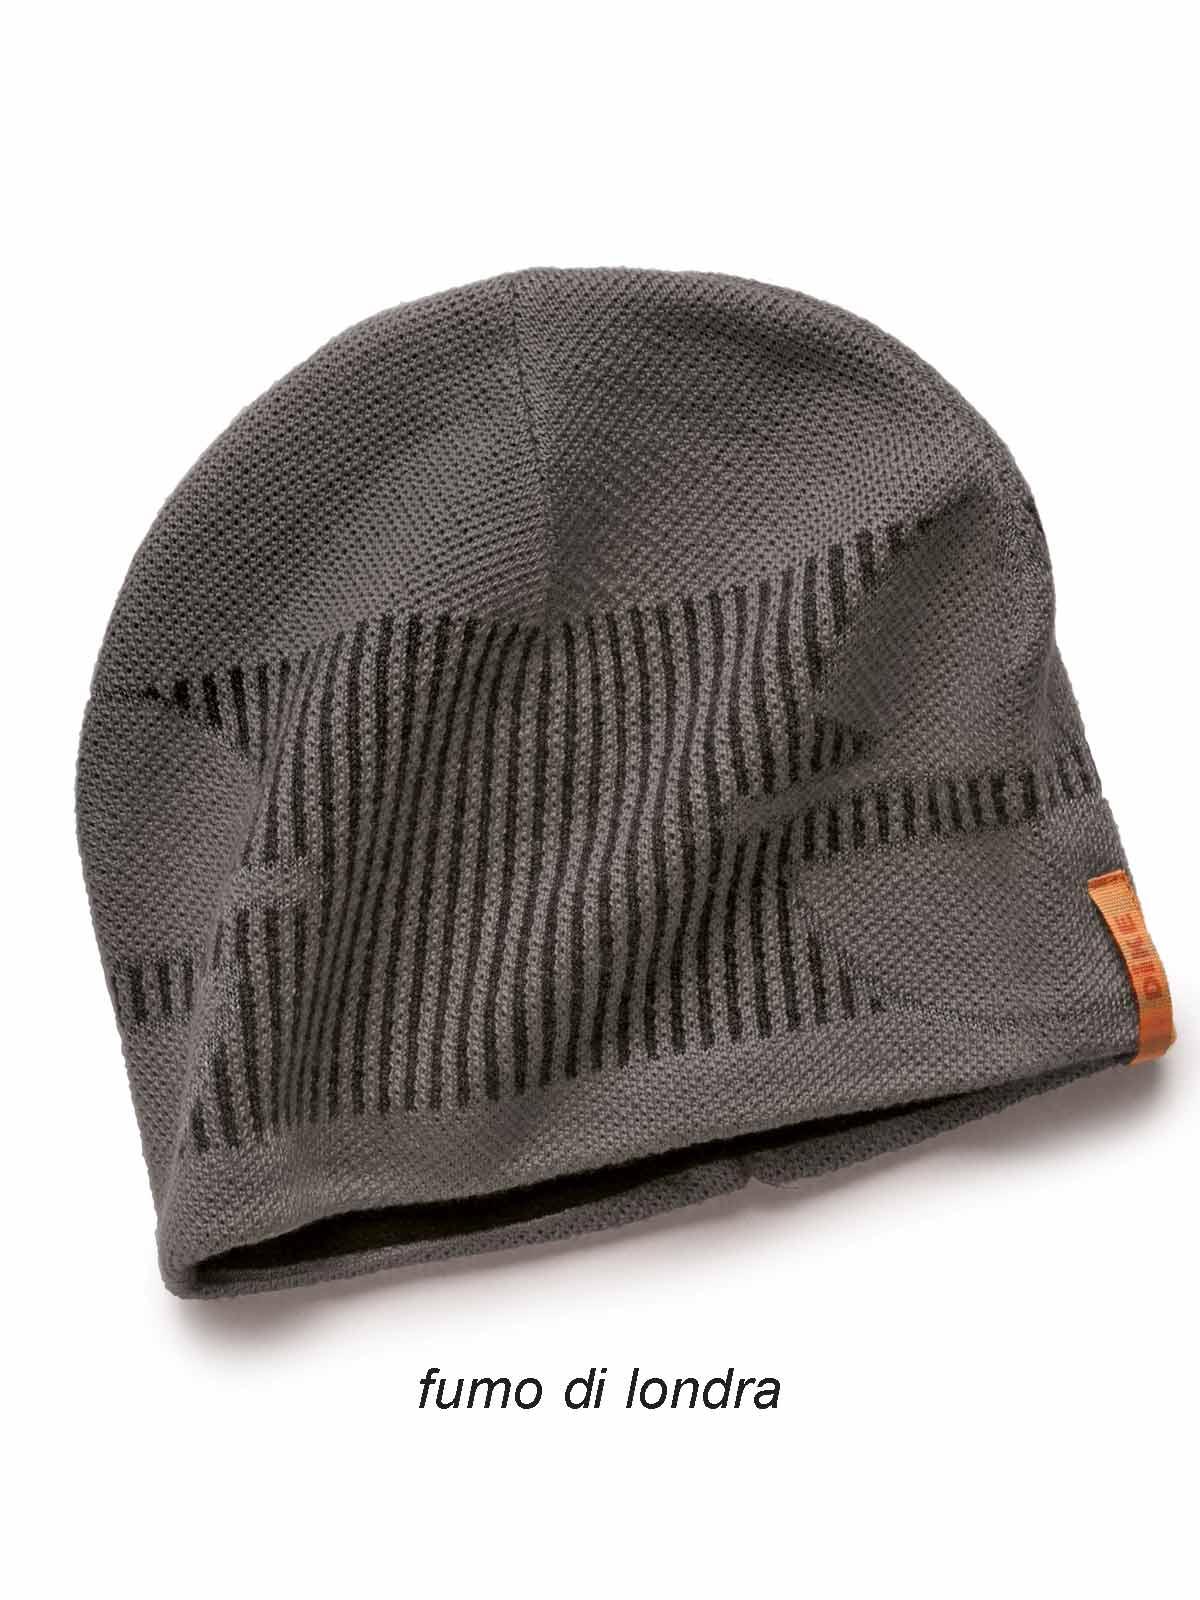 Berretto invernale Bond Dike personalizzabili ad7f01313d83